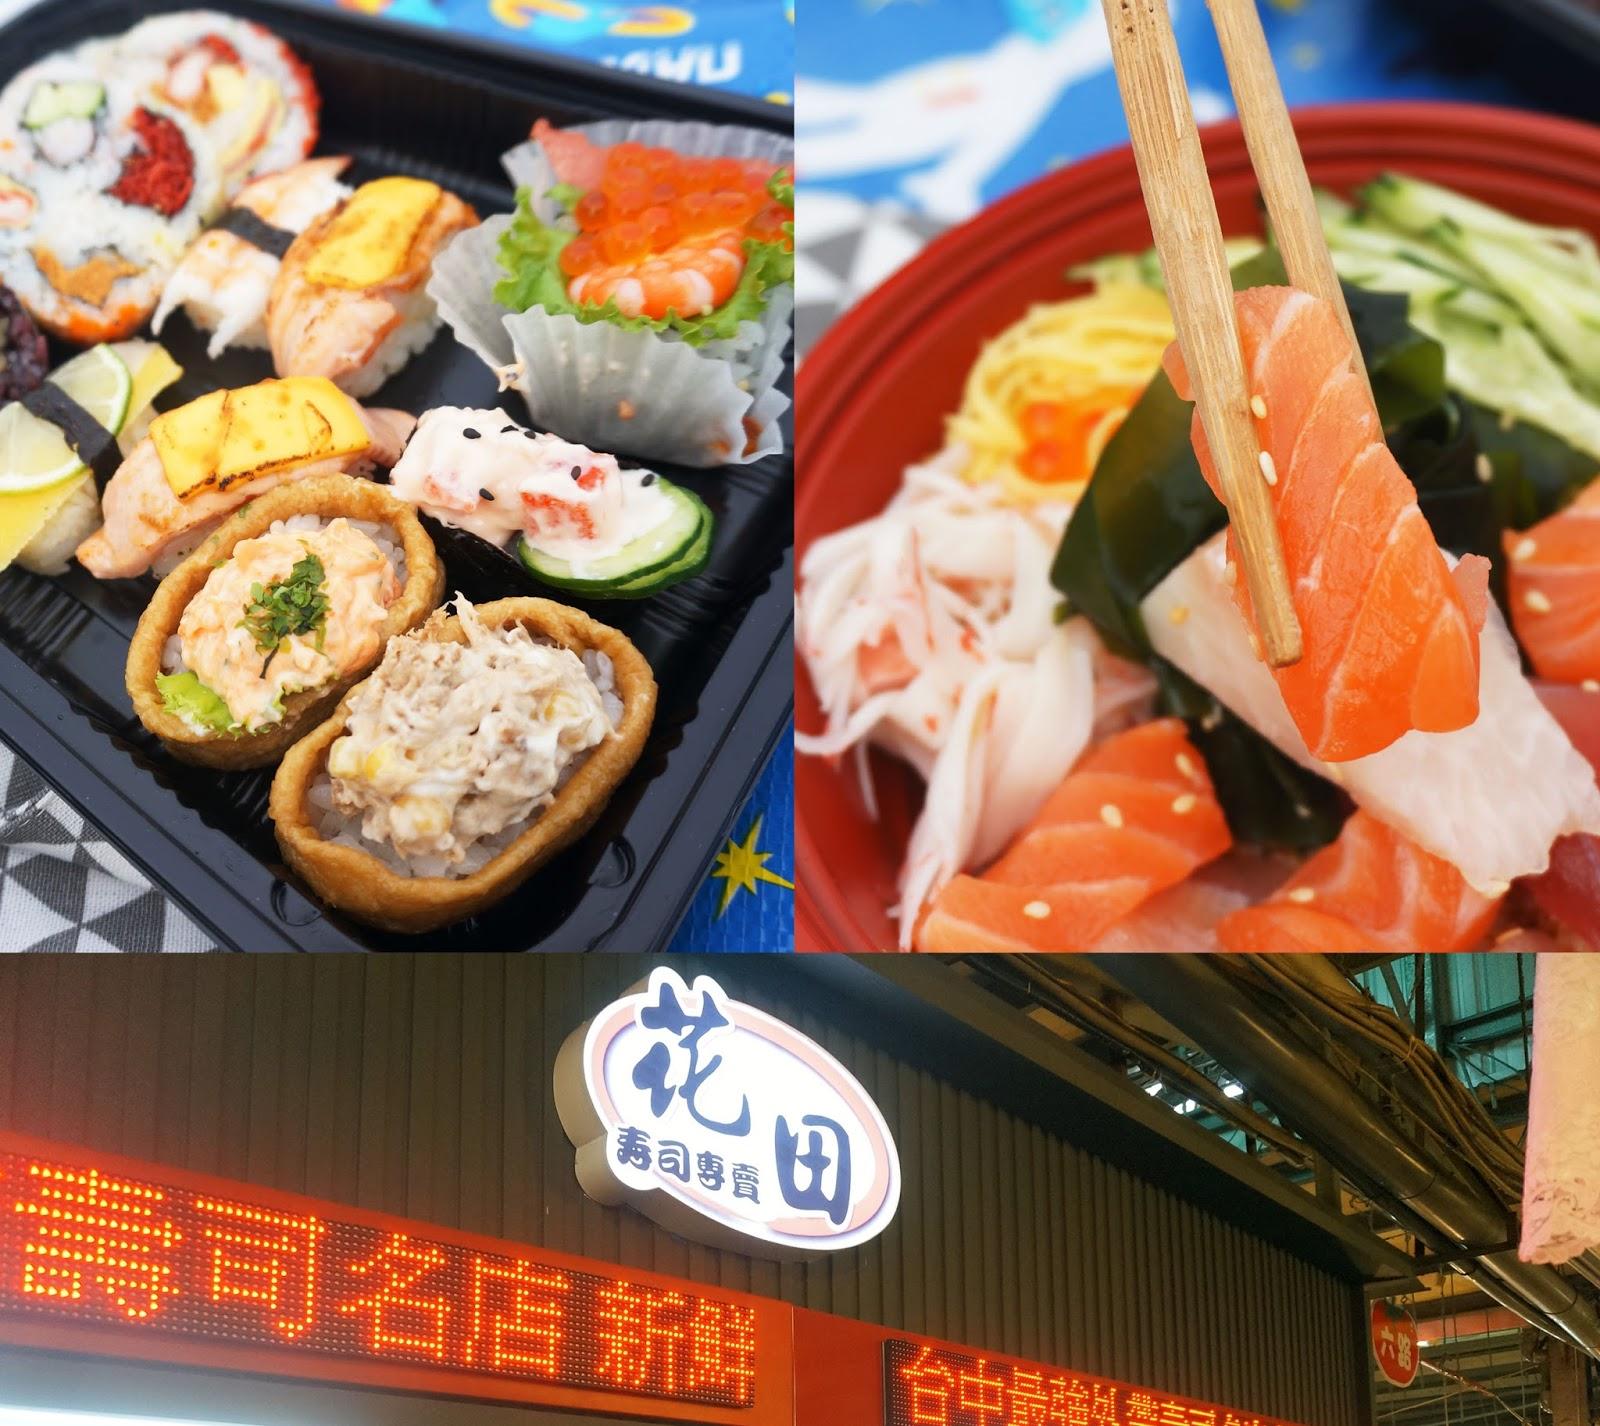 【臺中平價創意壽司】隱藏在黃昏市場內的花田壽司-東區外帶美食野餐去 - 寶石貓 | 少女的不專業養貓育兒日記